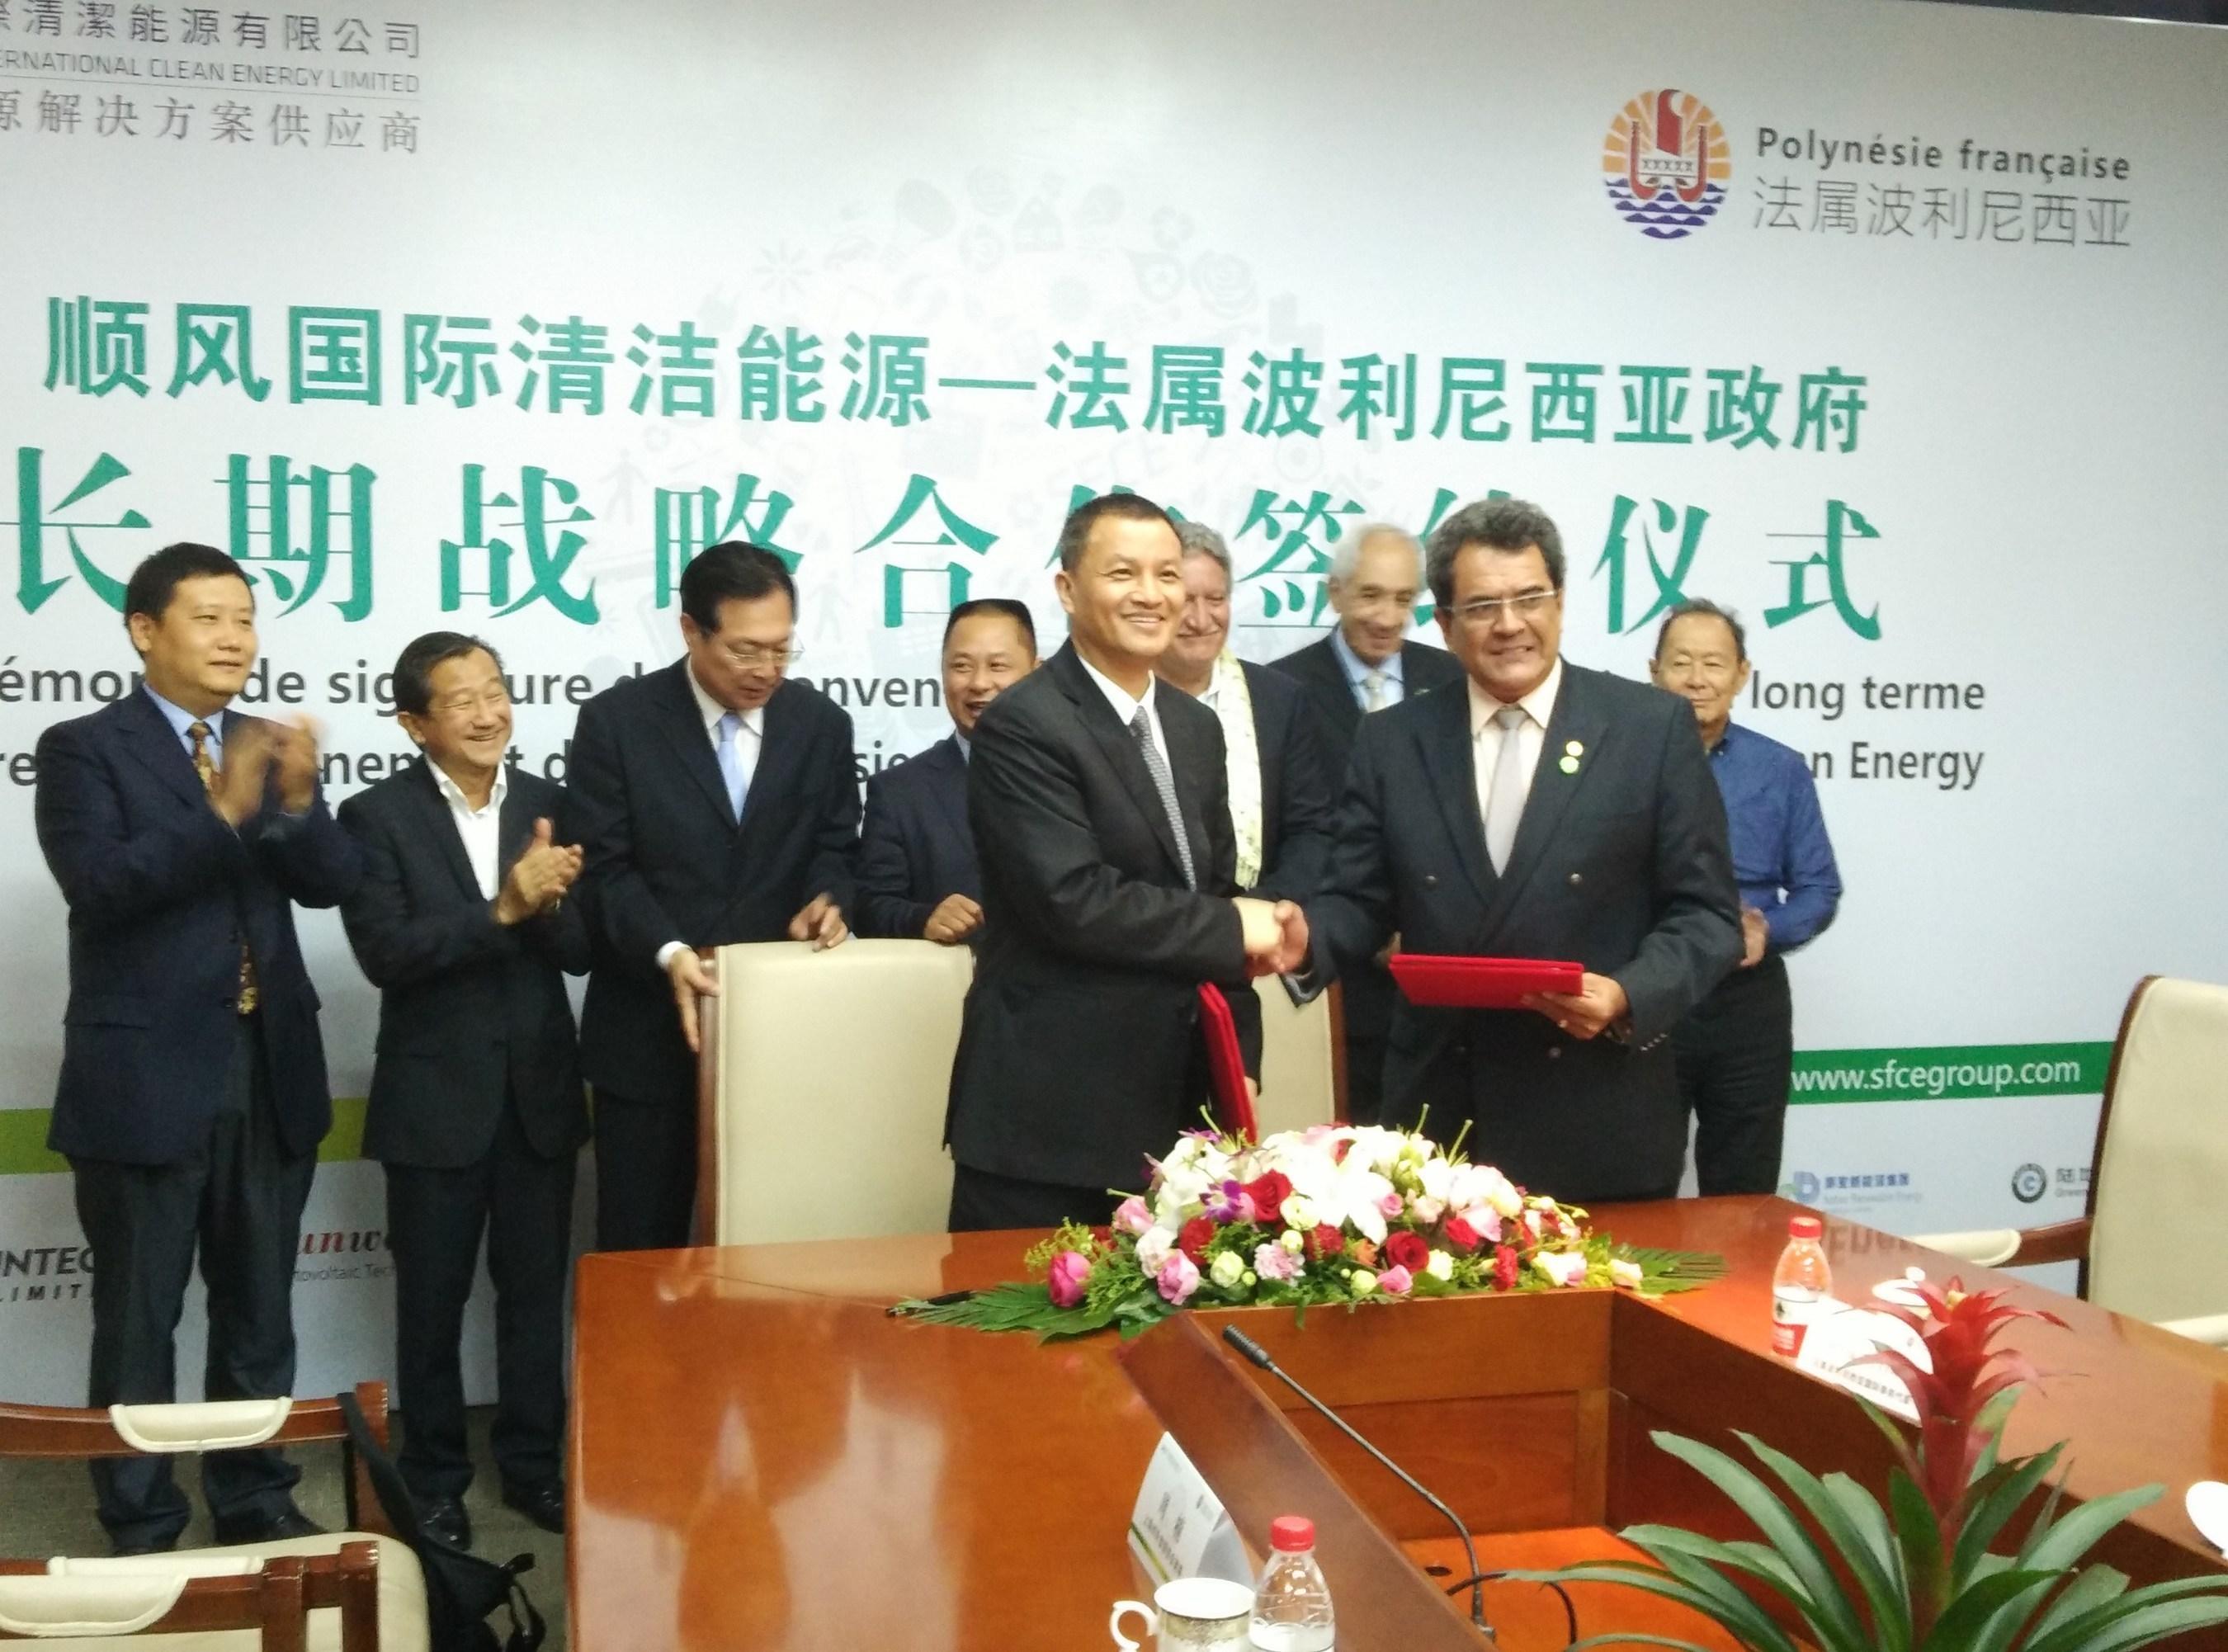 SFCE unterzeichnet Kooperationsvertrag mit Französisch-Polynesien über Großprojekt zur Einrichtung